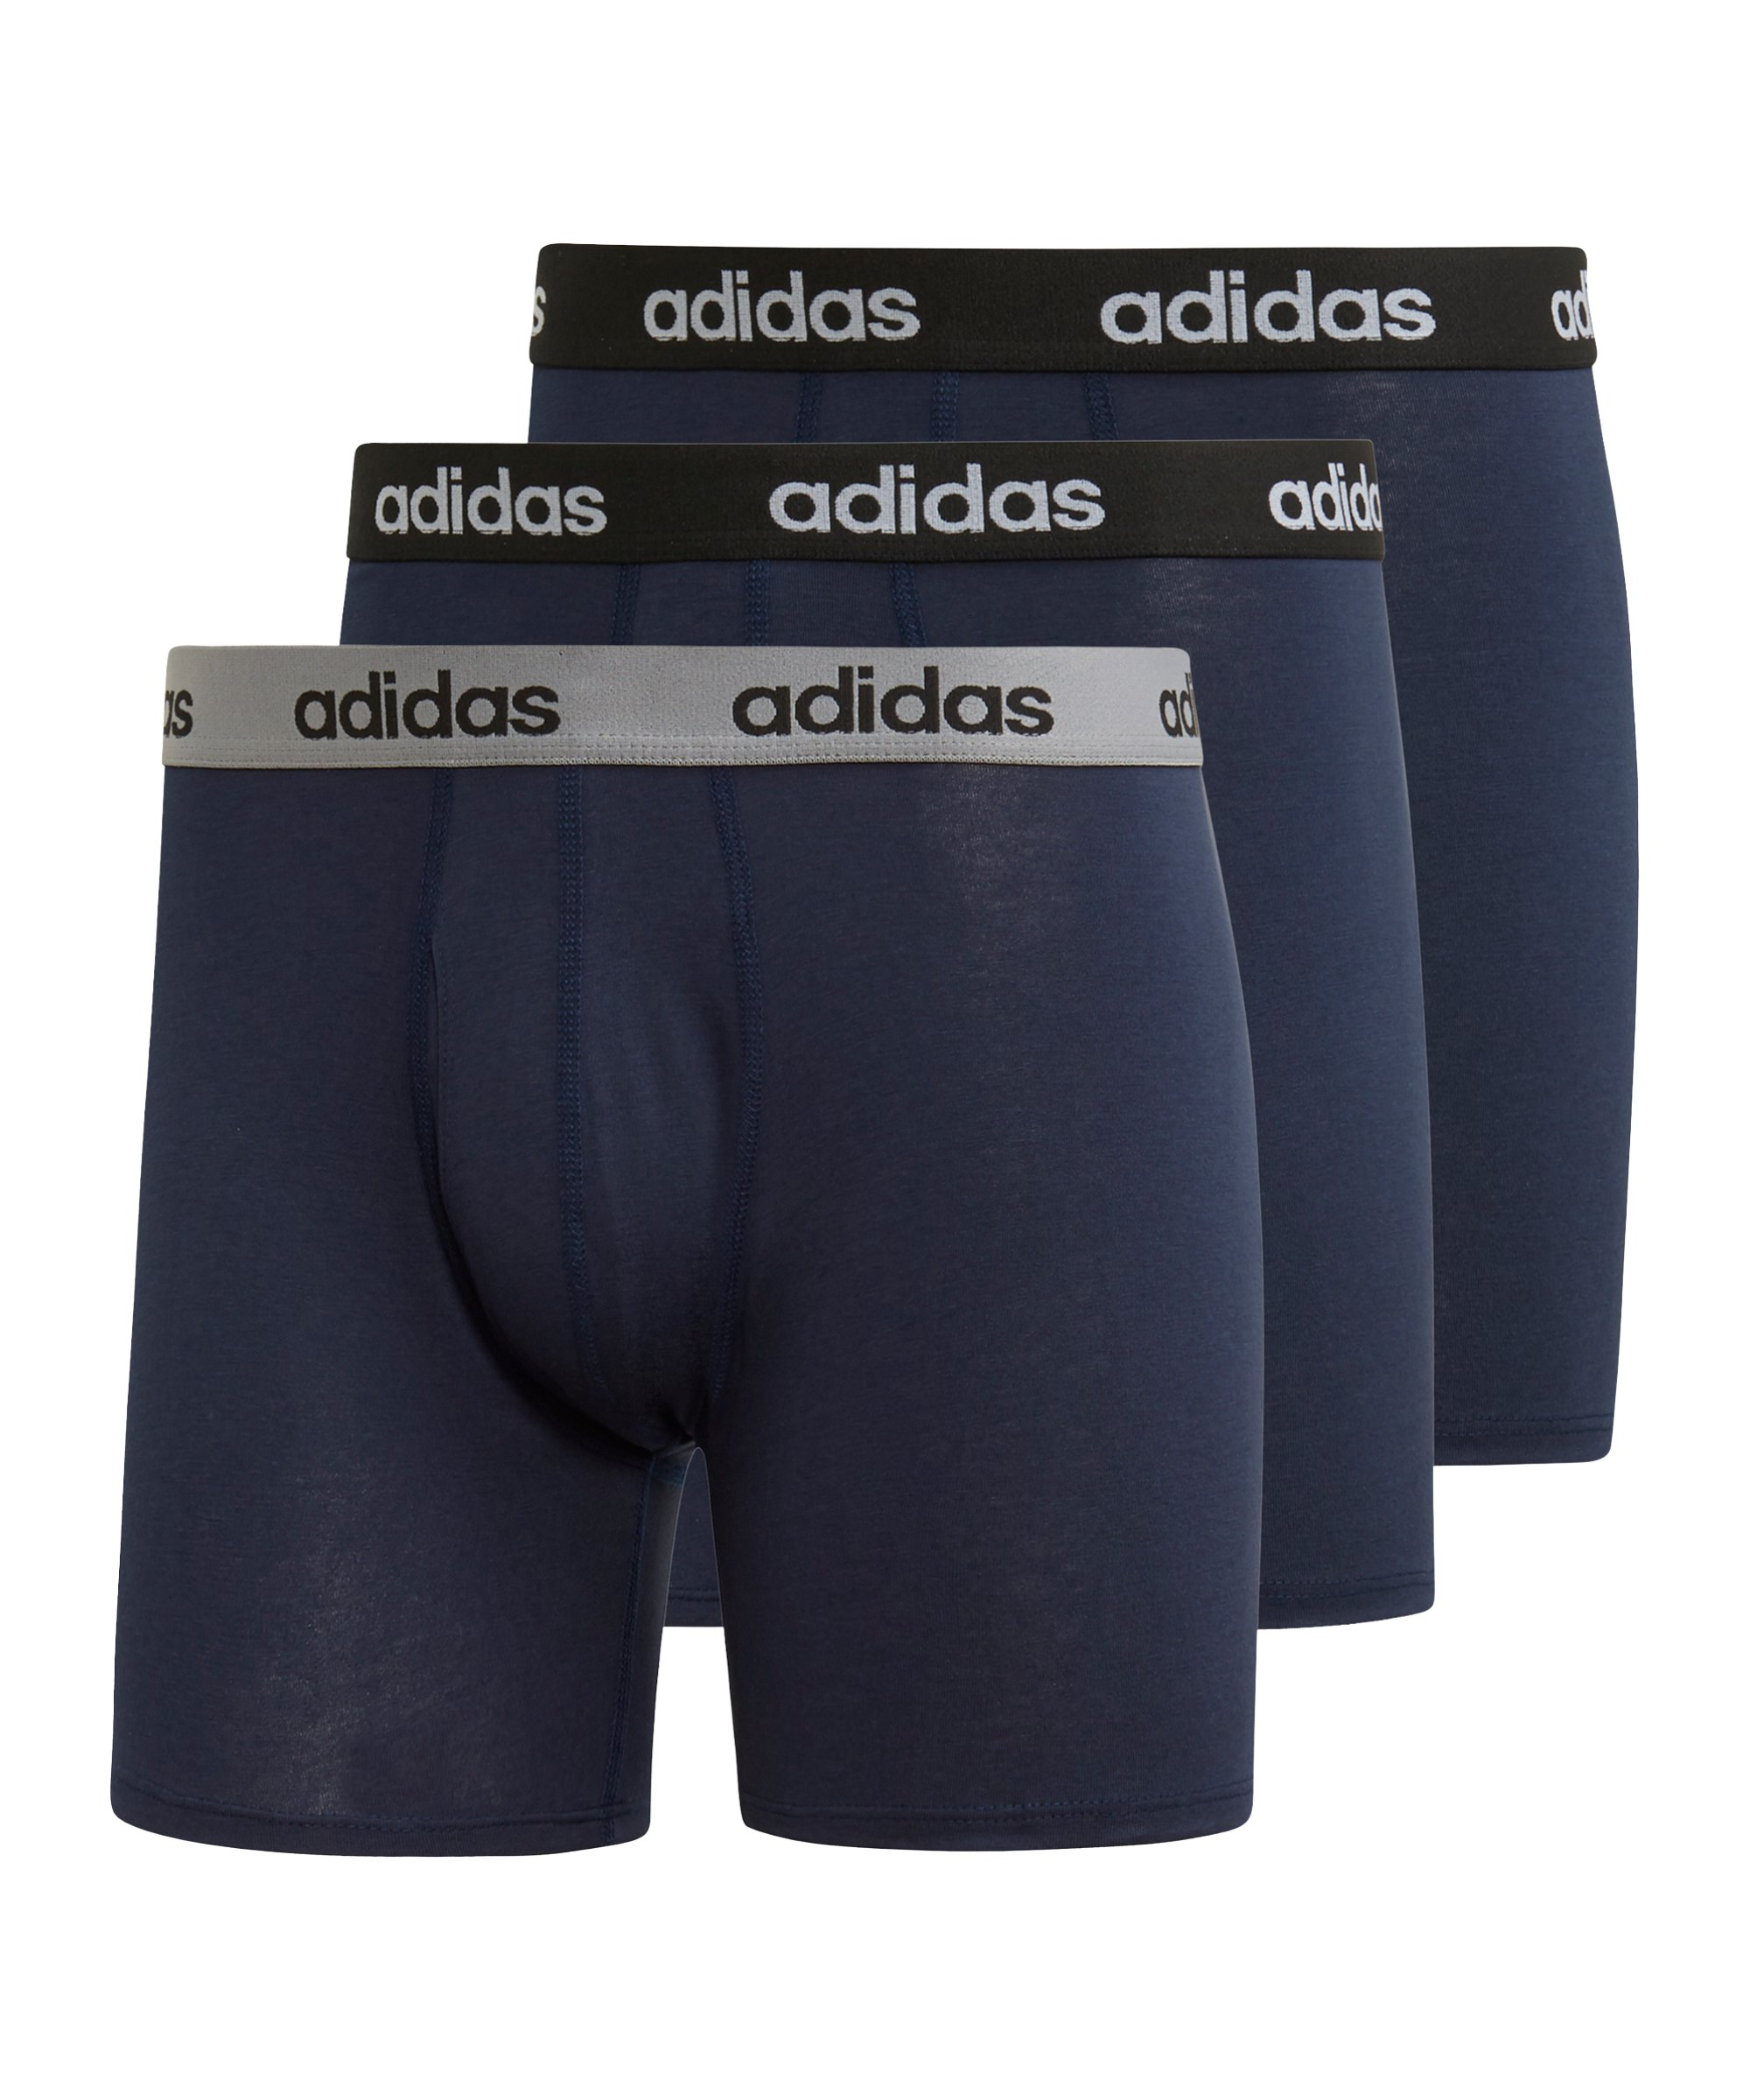 adidas Brief 3er Pack Blau - blau